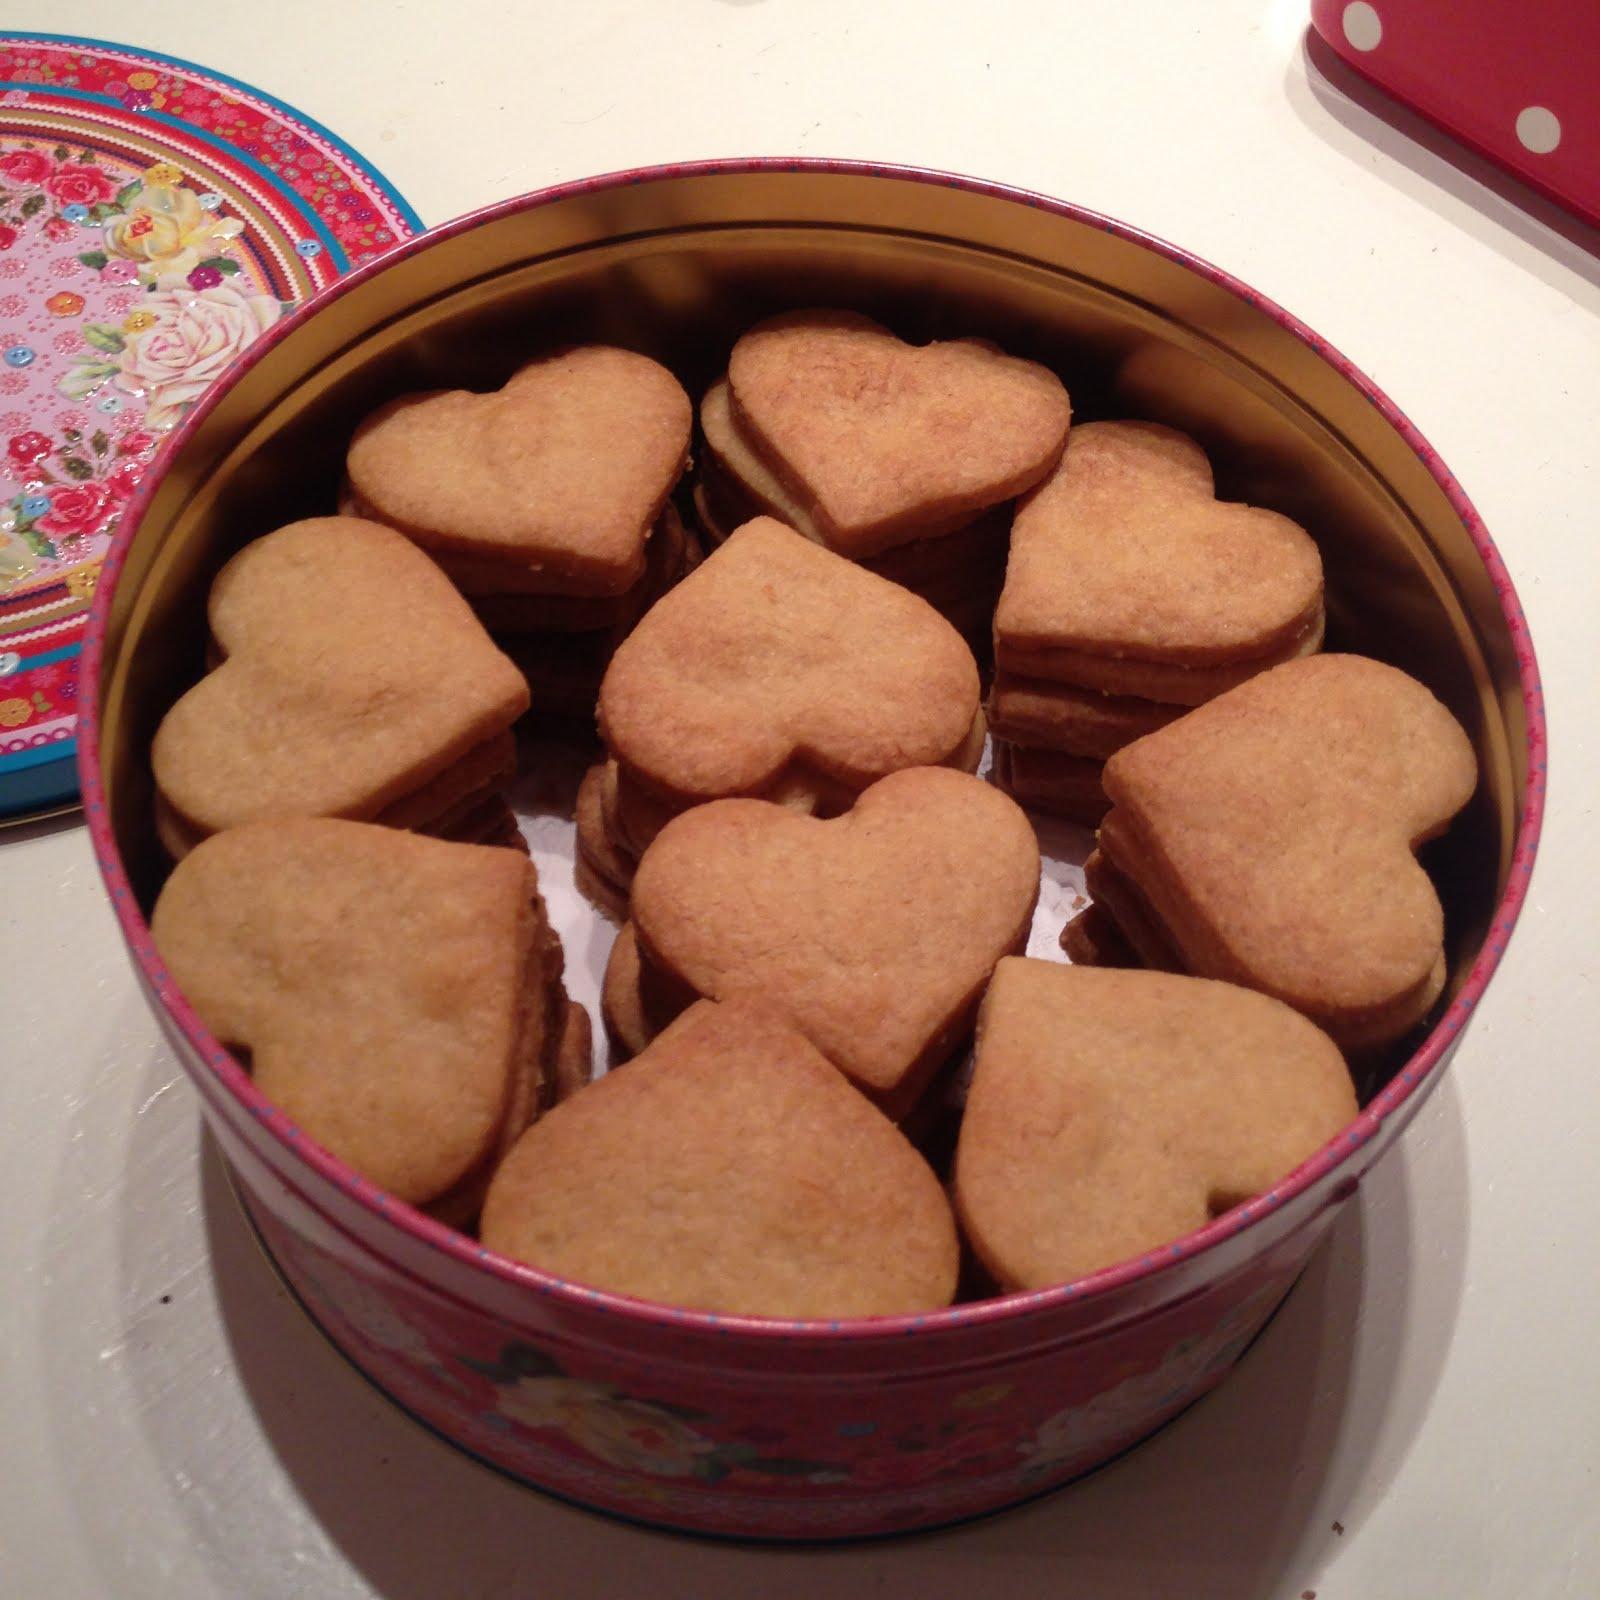 mmmmm hearts